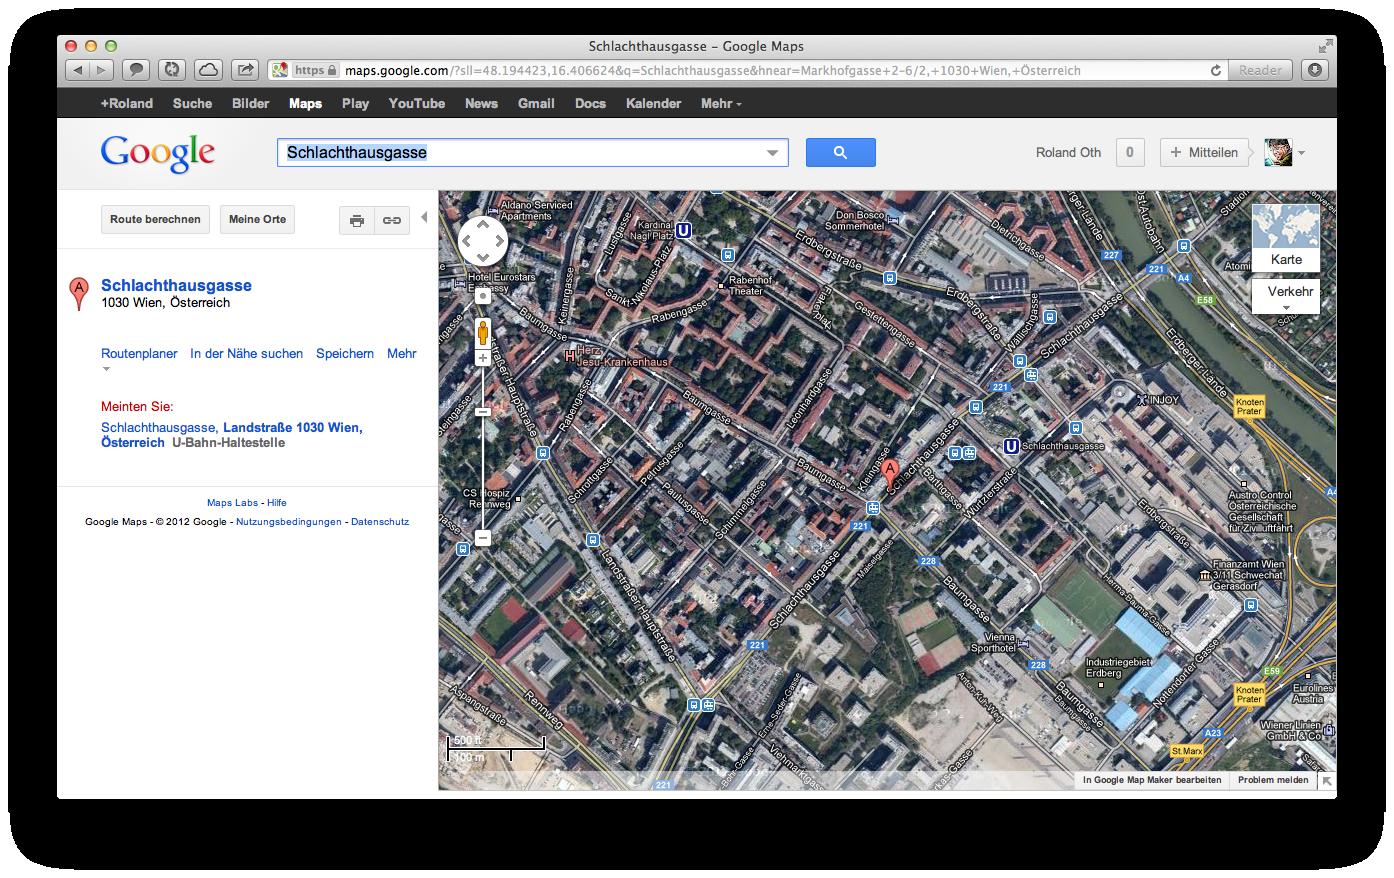 Apple Maps generierter URL nur mit Strassennamen wird zu Google redirected